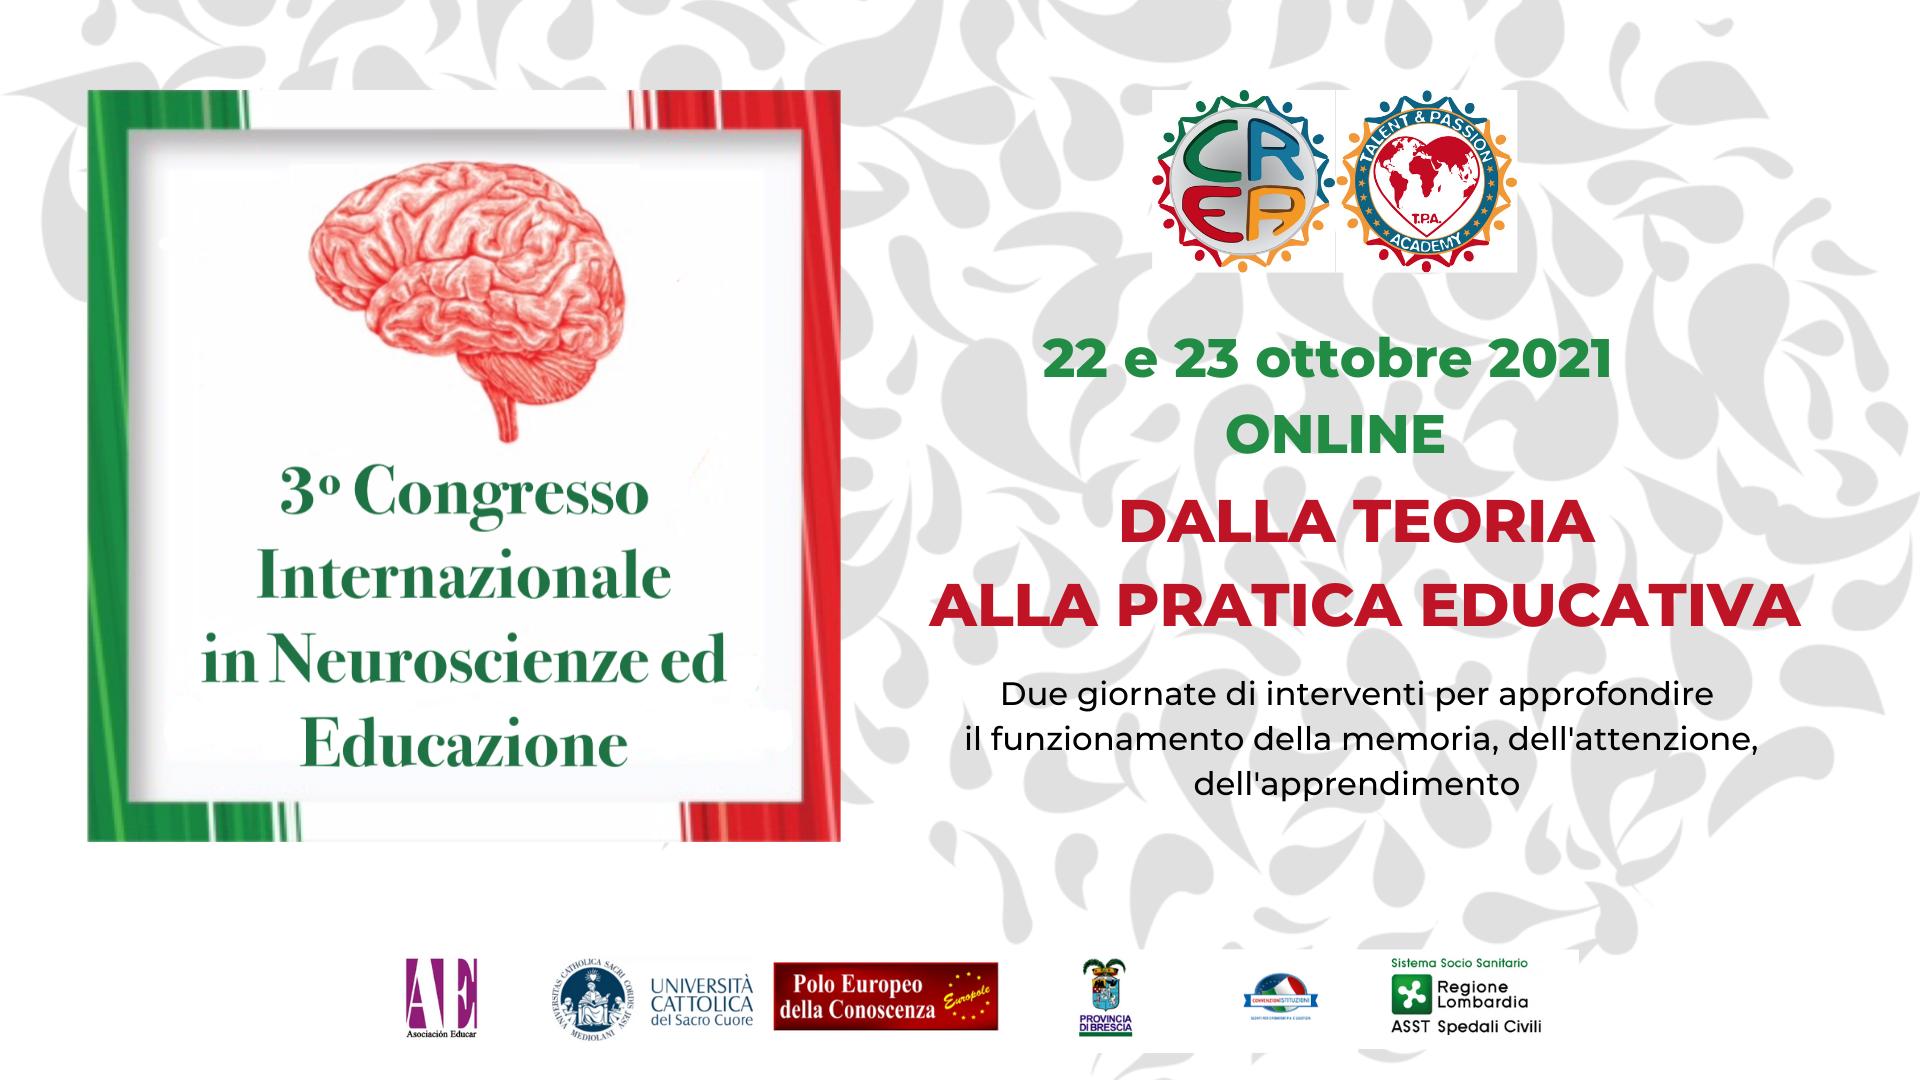 Congresso internazionale in nuroscienze ed educazione